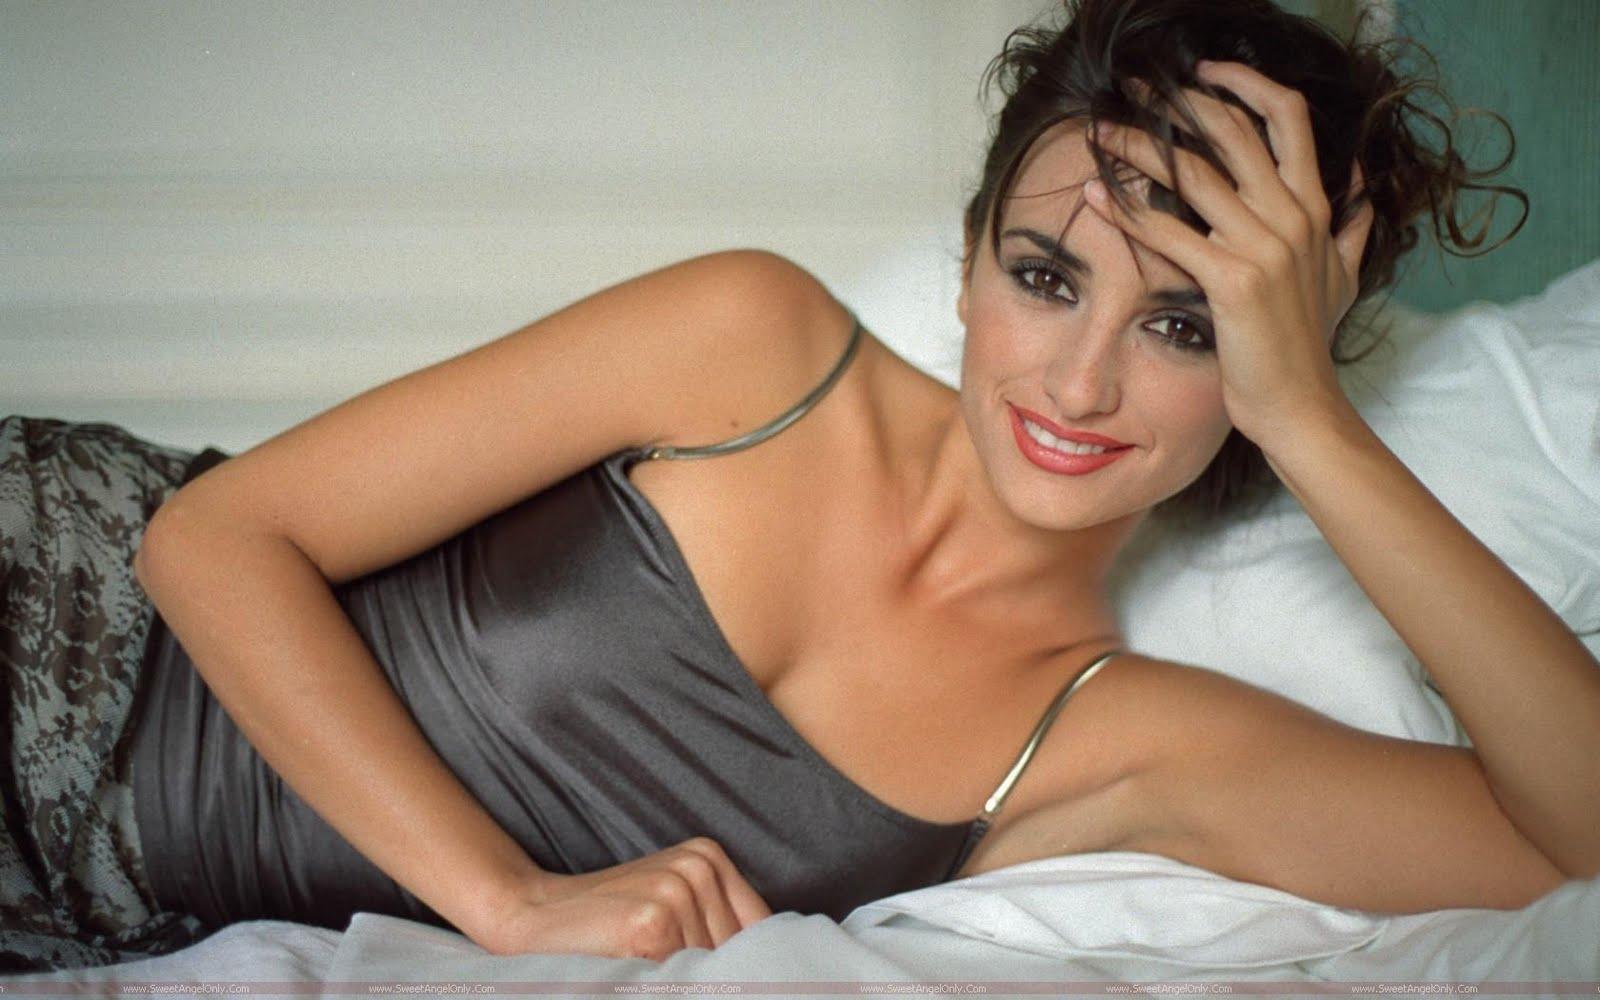 http://1.bp.blogspot.com/-DhcK01sSudU/Ti7KgLrAYCI/AAAAAAAAHs4/cuTthY-MRpk/s1600/Penelope-Cruz-actress.jpg